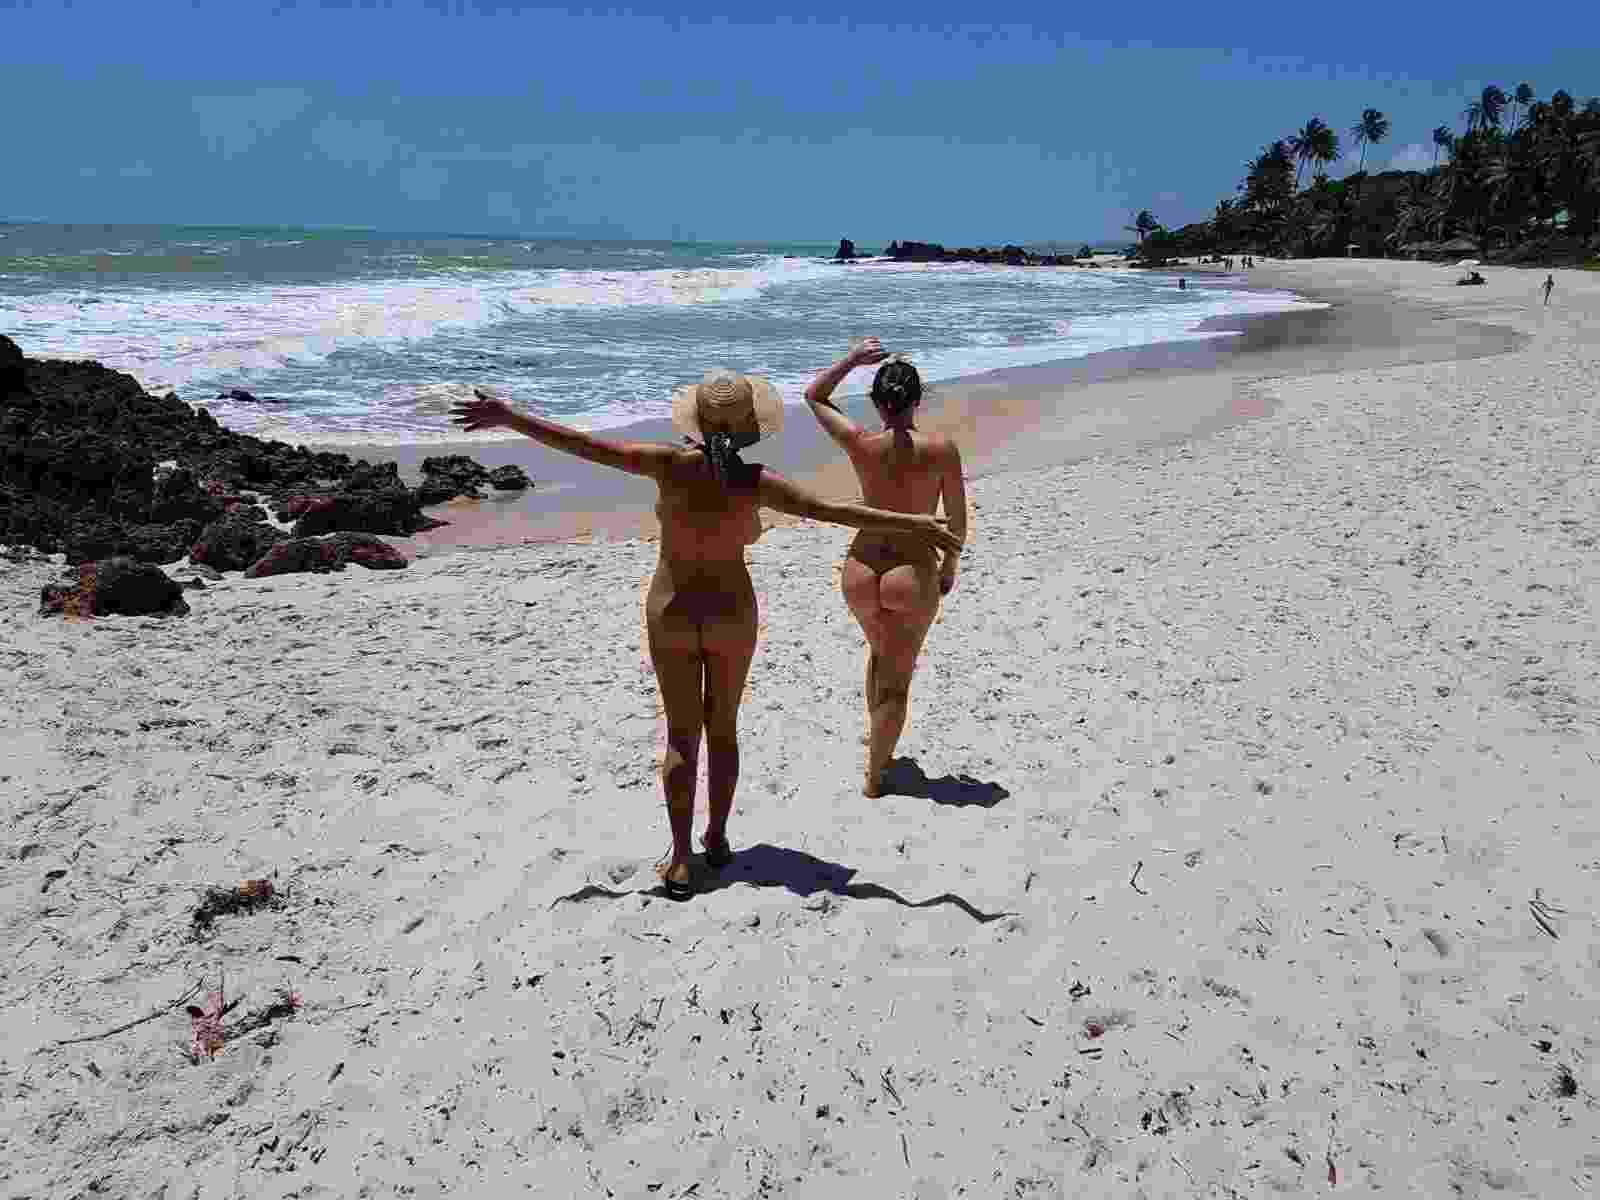 Tambaba (PB) - Tambaba é localizada no município de Conde, 40 quilômetros ao sul de João Pessoa. Para chegar à praia de carro é preciso fazer o acesso pela BR-101 ou pela PB-008, em direção ao município de Conde - Reprodução/Facebook.com/BrasilNaturista